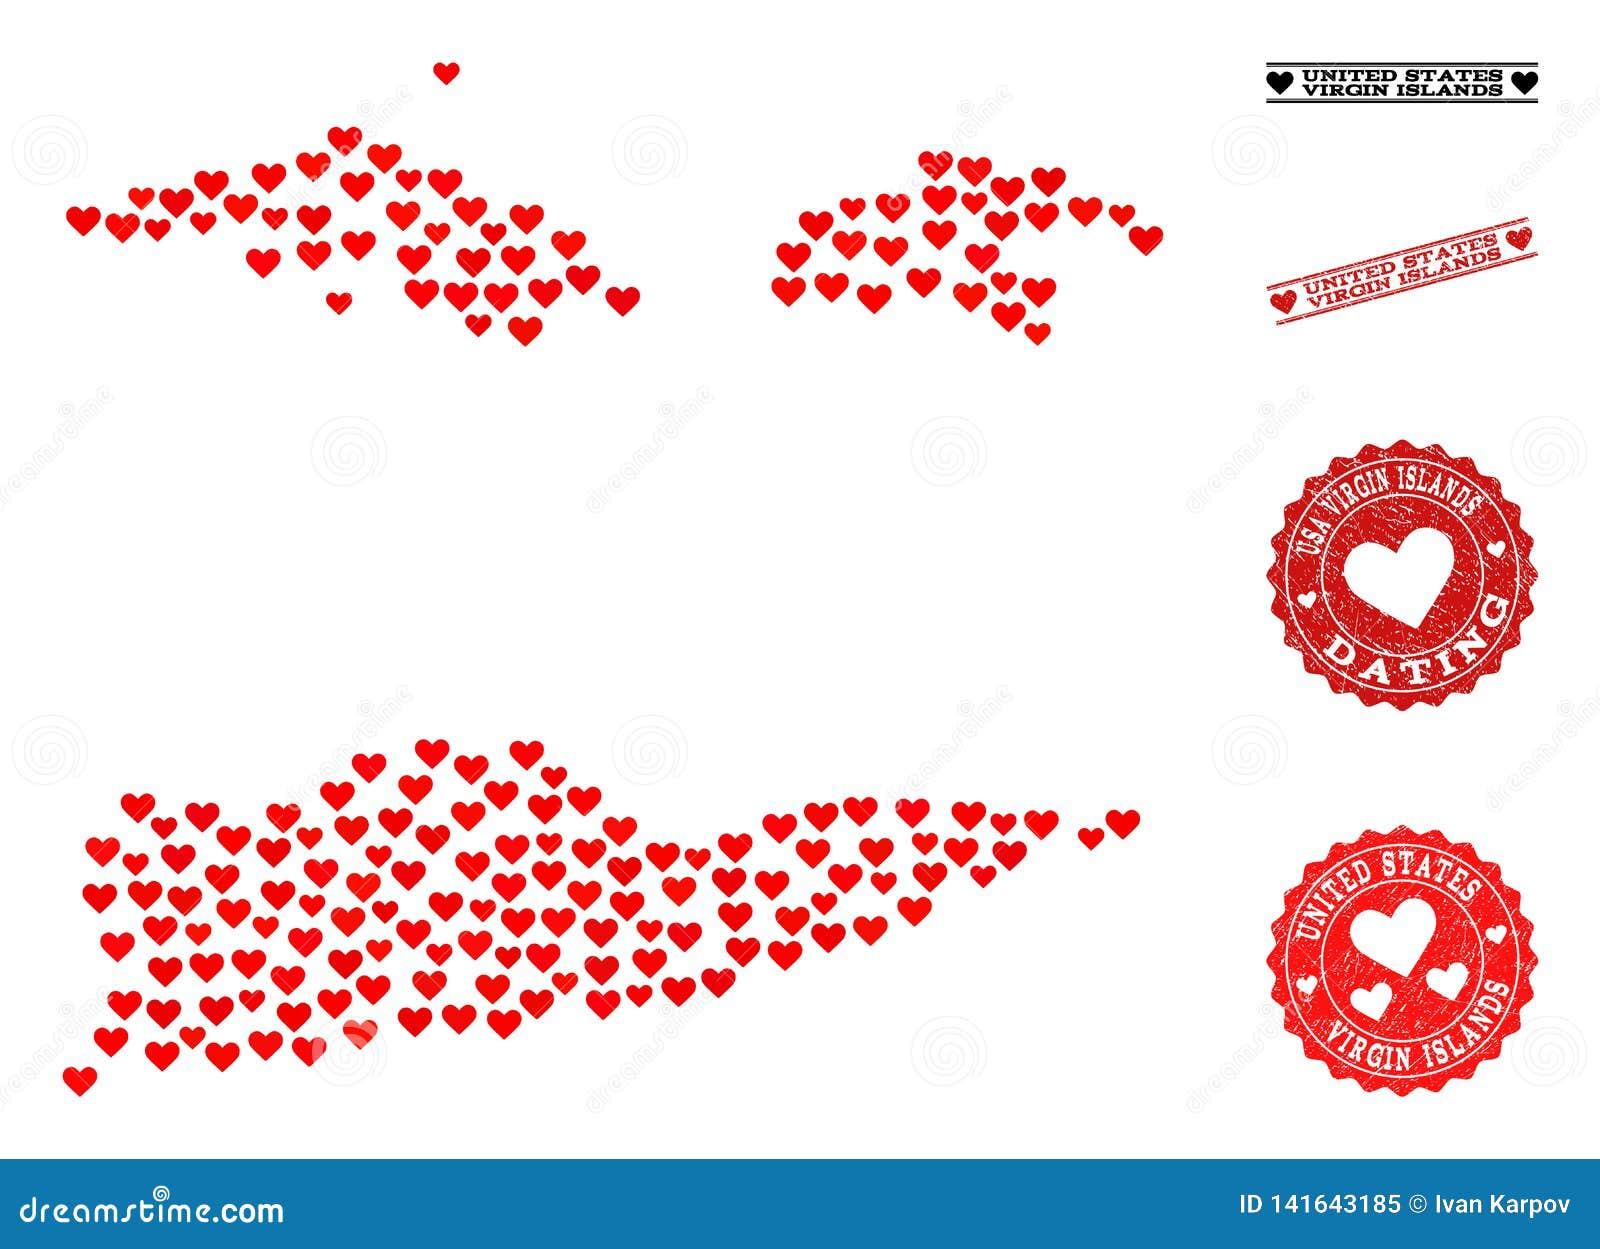 De Kaart van het hartmozaïek van Amerikaanse Maagdelijke Eilanden en Grunge-Zegels voor Valentijnskaarten